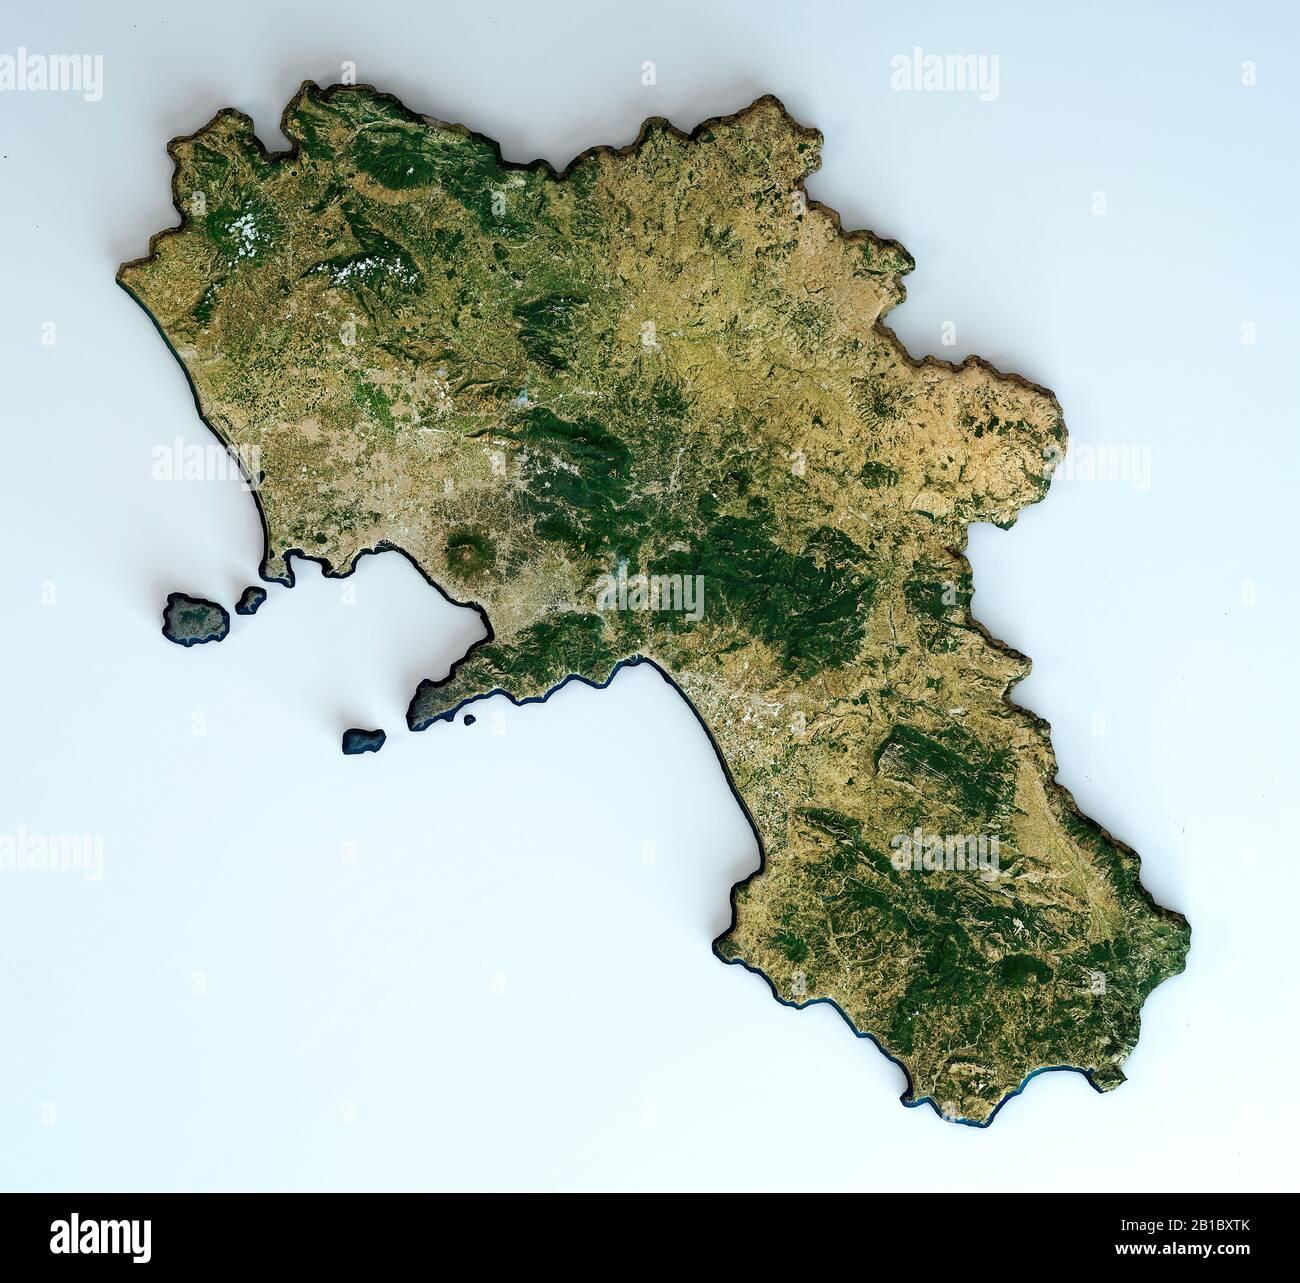 Cartina Italia Pianure.Vista Satellitare Della Campania Italia Rendering 3d Mappa Fisica Della Campania Pianure Montagne Laghi Catena Montuosa Dell Appennino Foto Stock Alamy